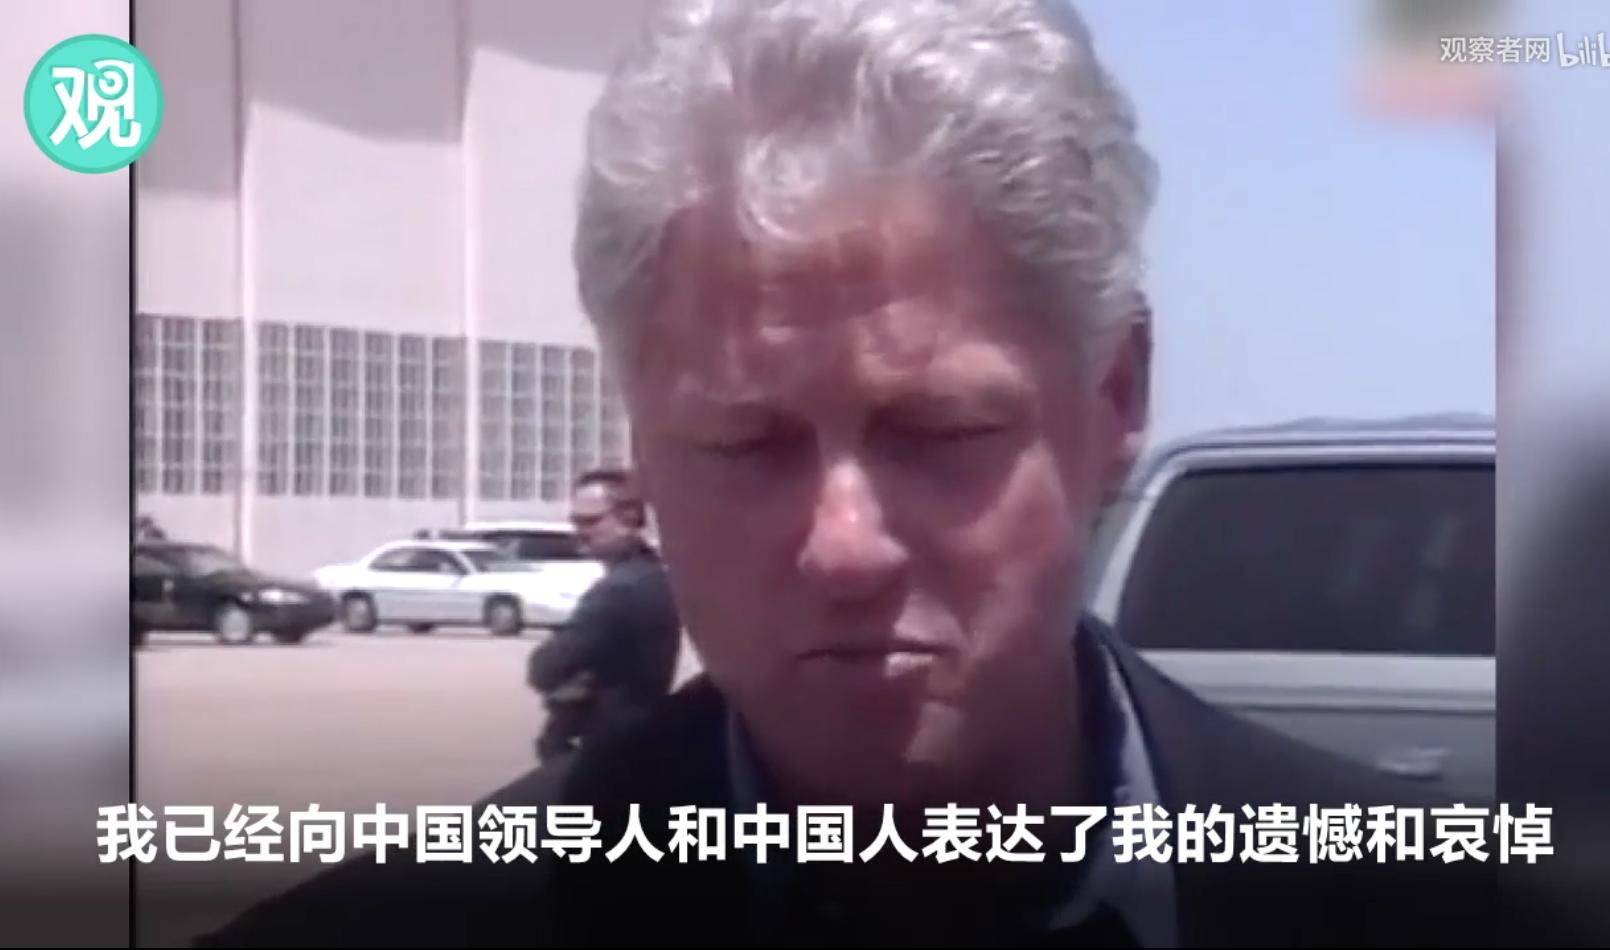 时间快到让人遗忘,19年前的今天中国驻南斯拉夫大使馆被美国轰炸-以及之后发生中美网络大战